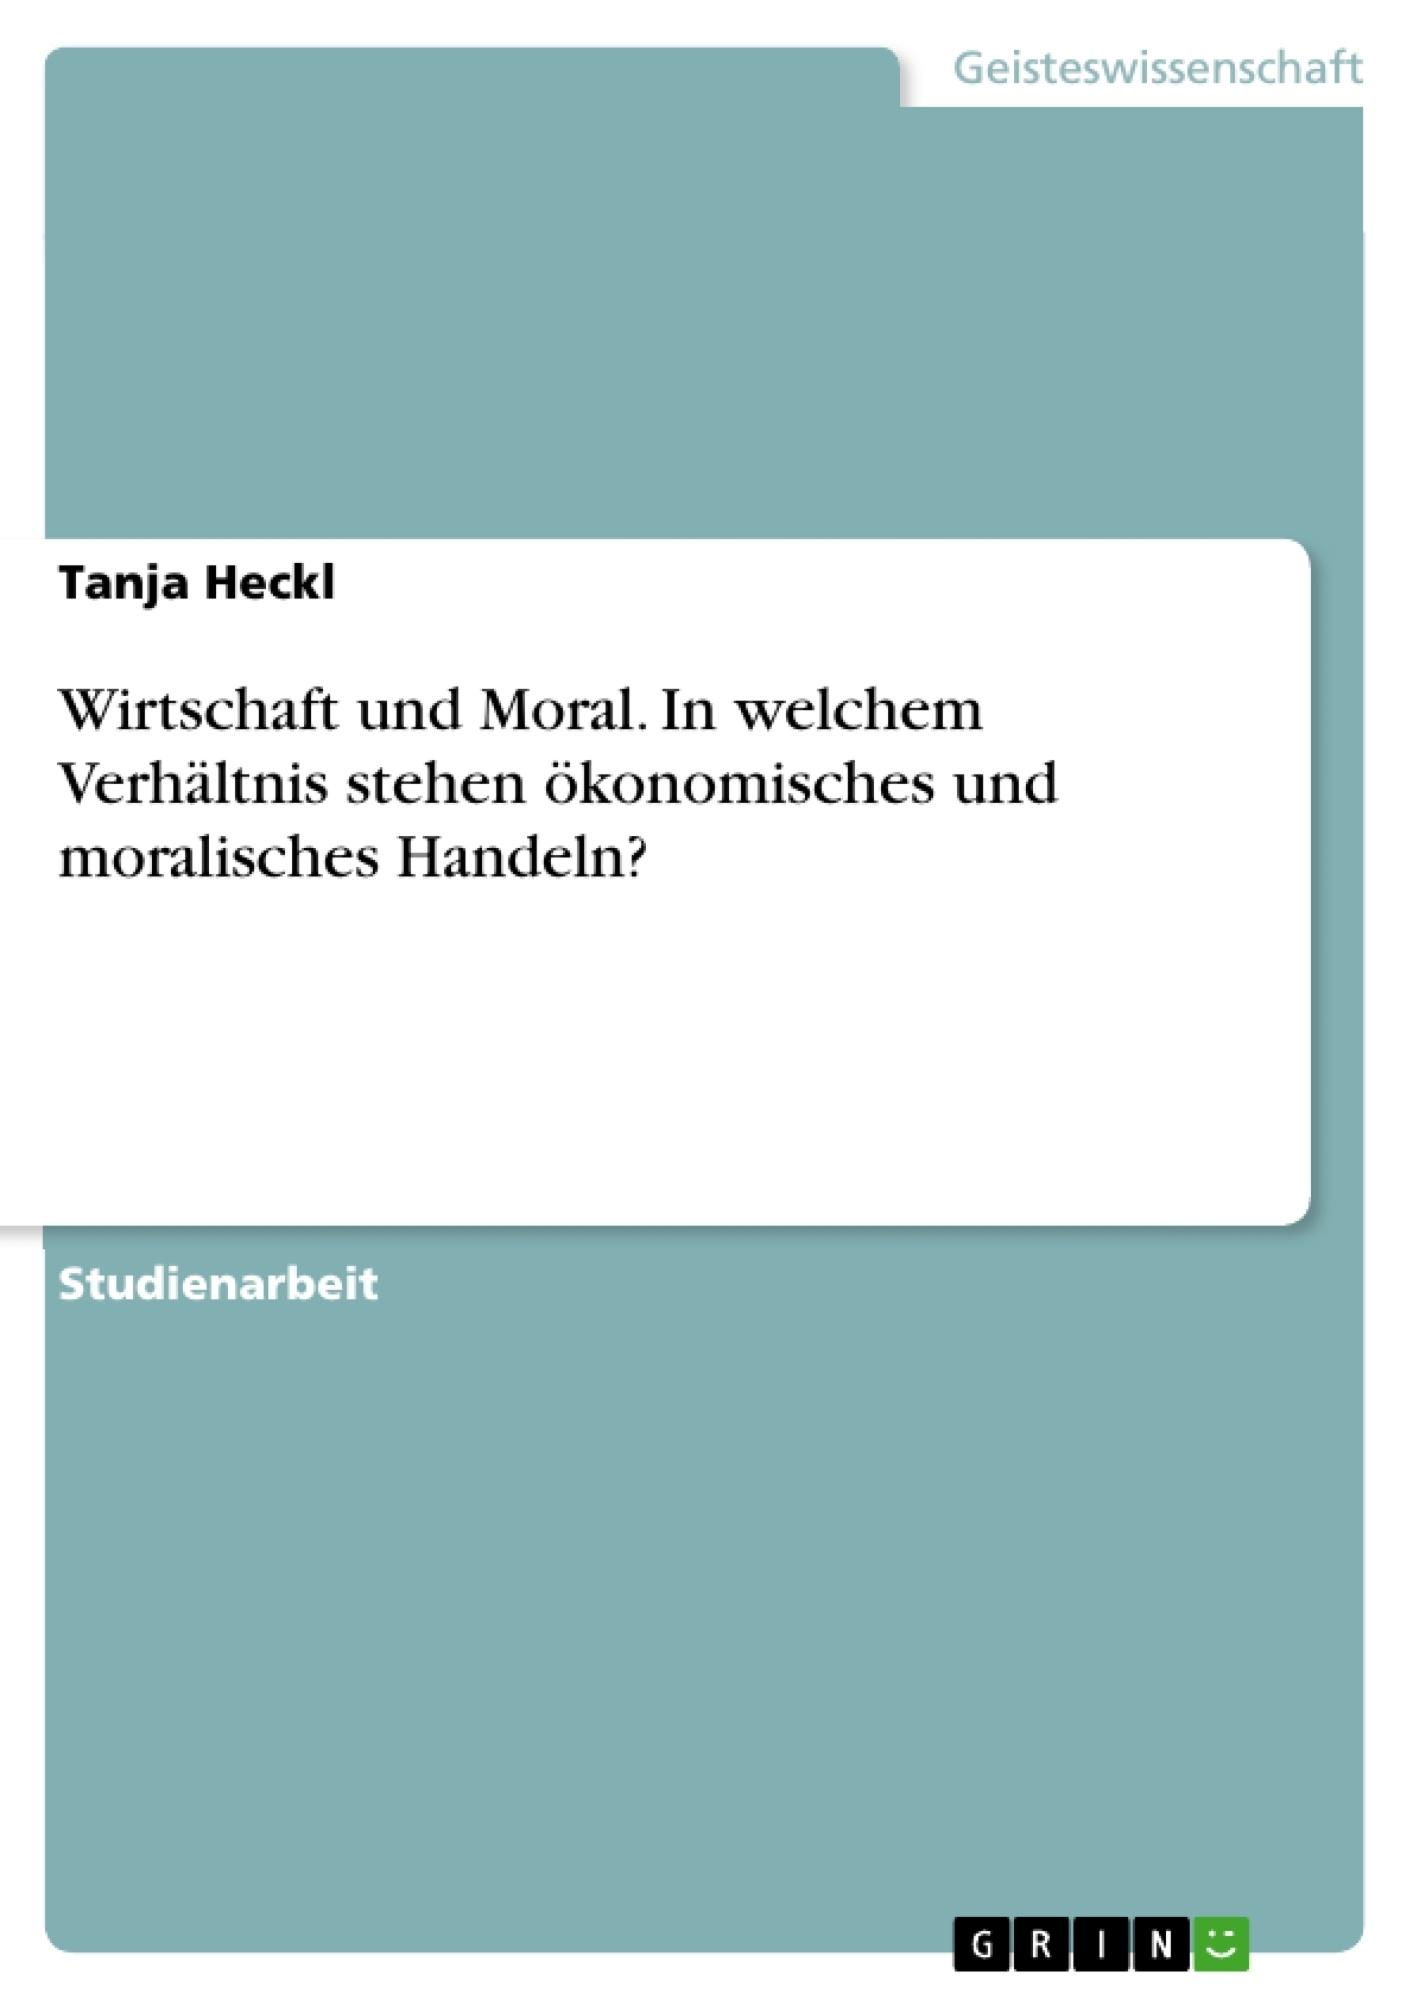 Titel: Wirtschaft und Moral. In welchem Verhältnis stehen ökonomisches und moralisches Handeln?